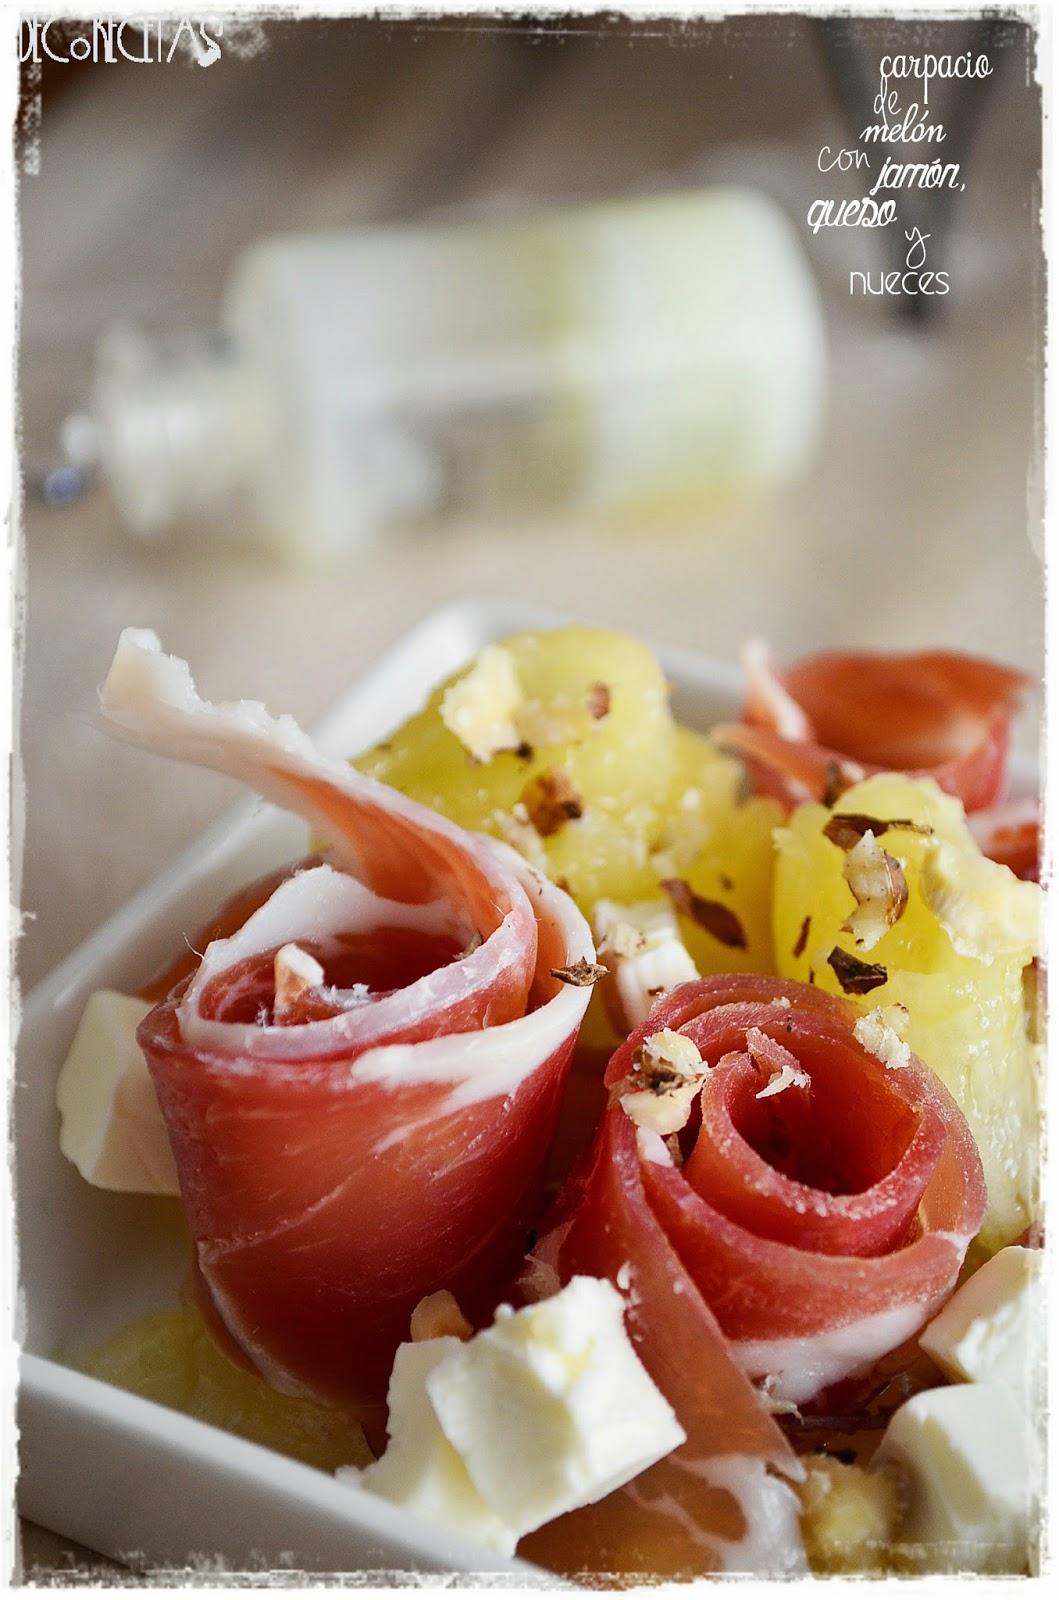 carpacio de melón con queso, nueces, y  jamón